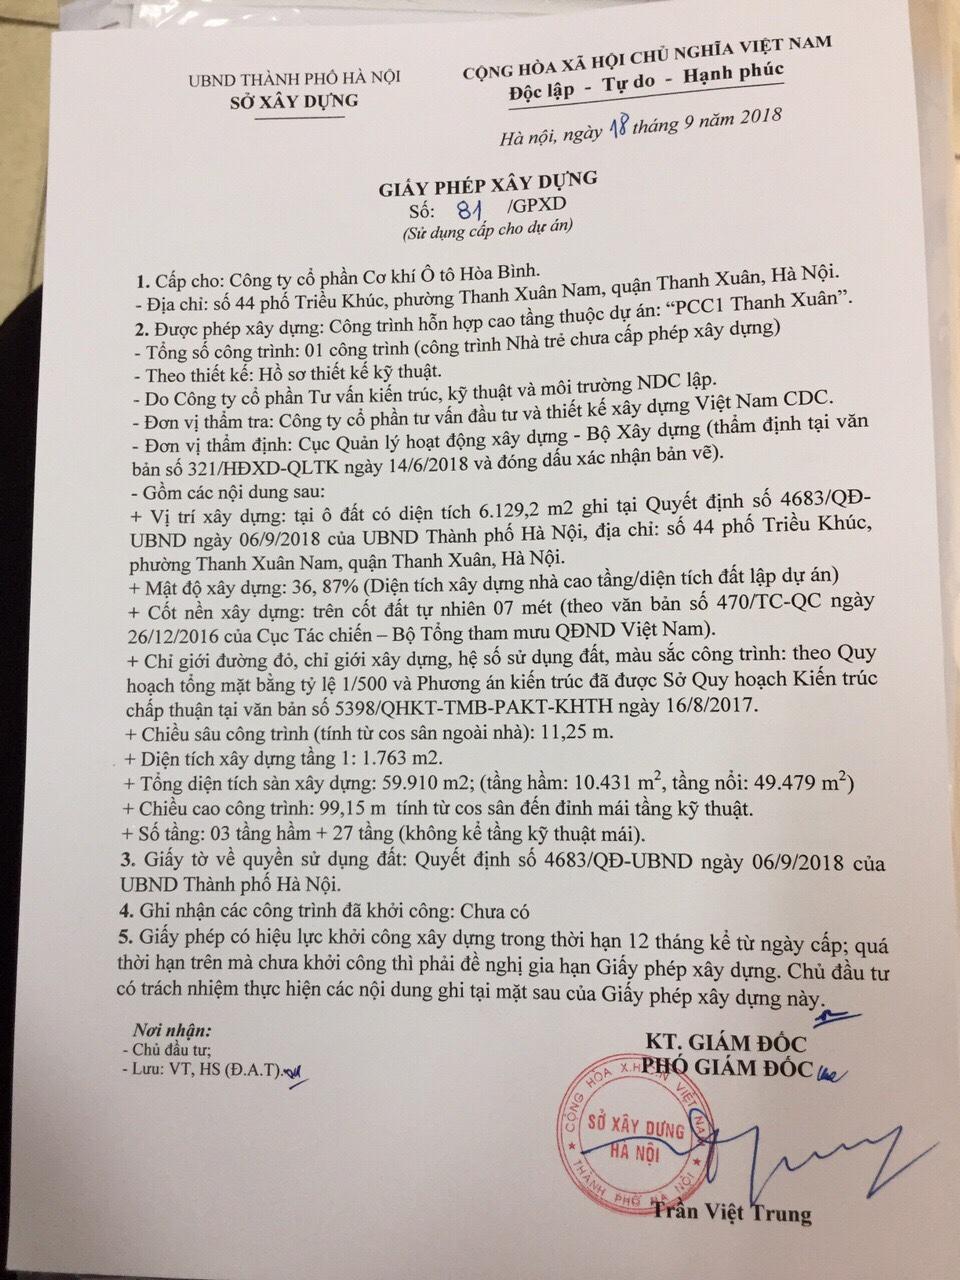 Giấy phép xây dựng dự án PCC1 Thanh Xuân